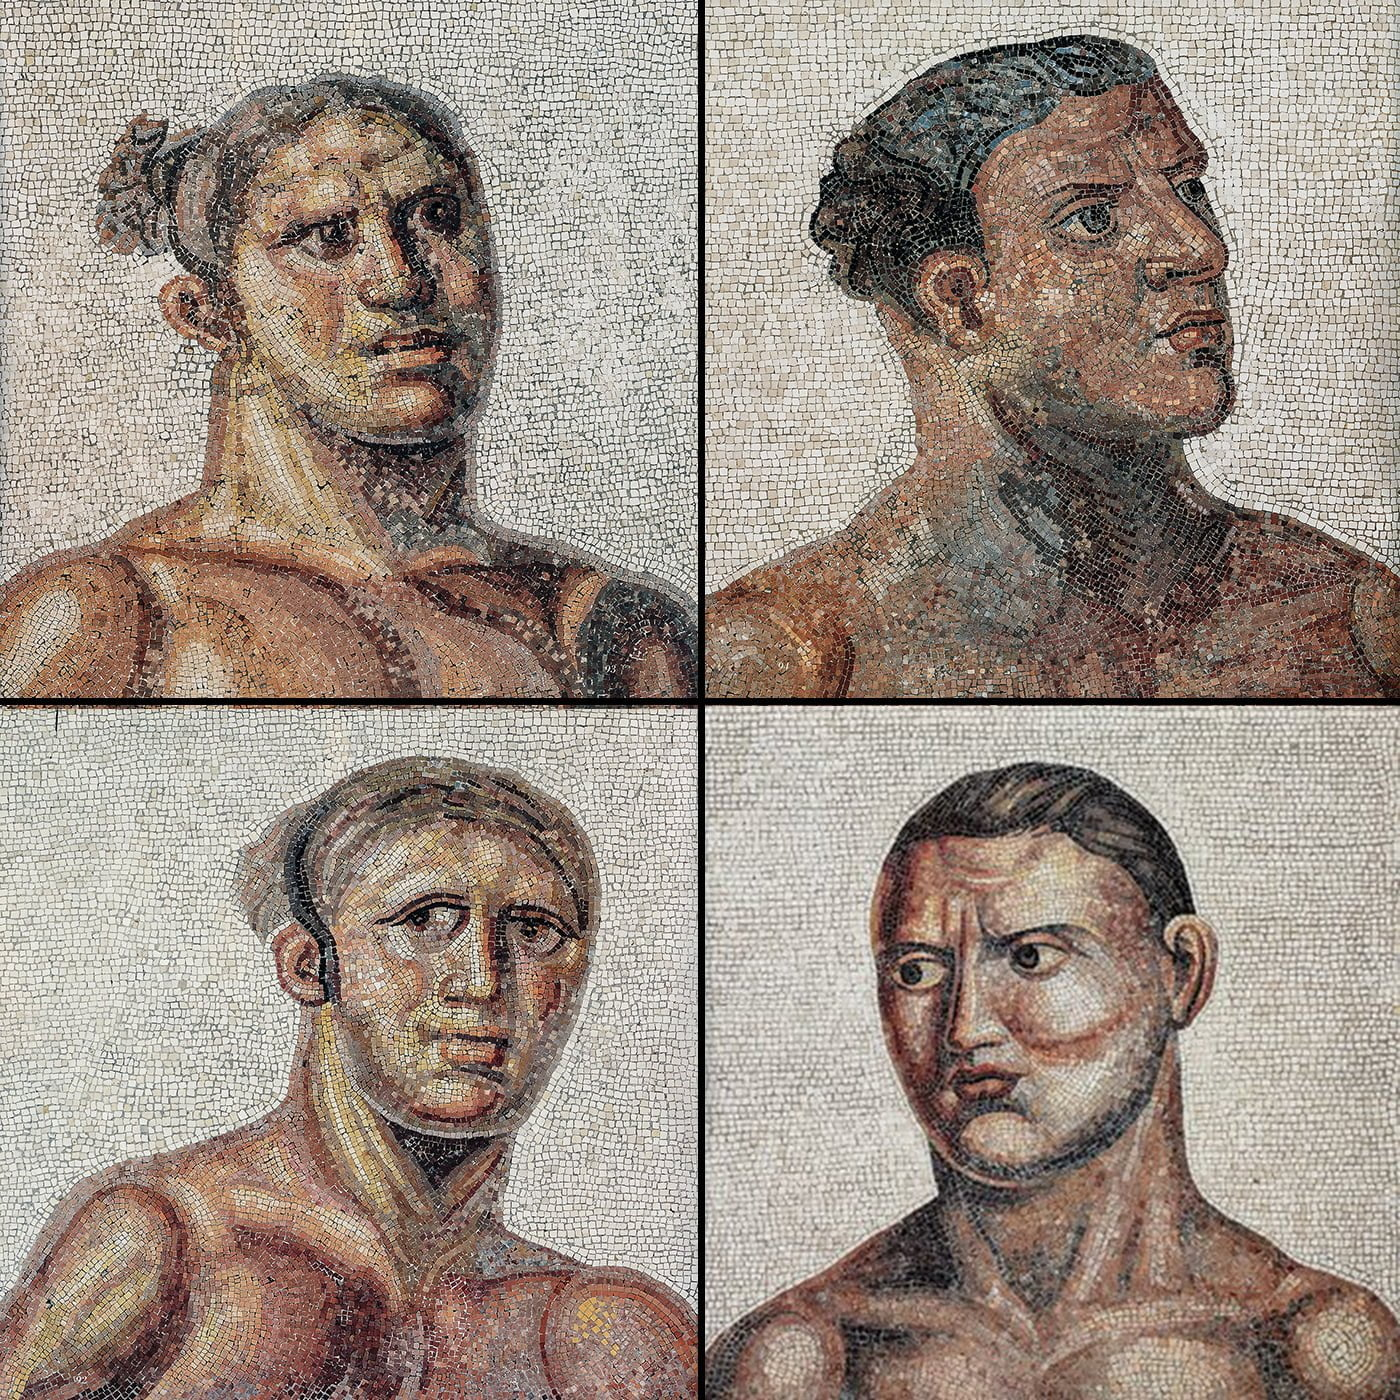 Twarze atletów z mozaiki rzymskiej